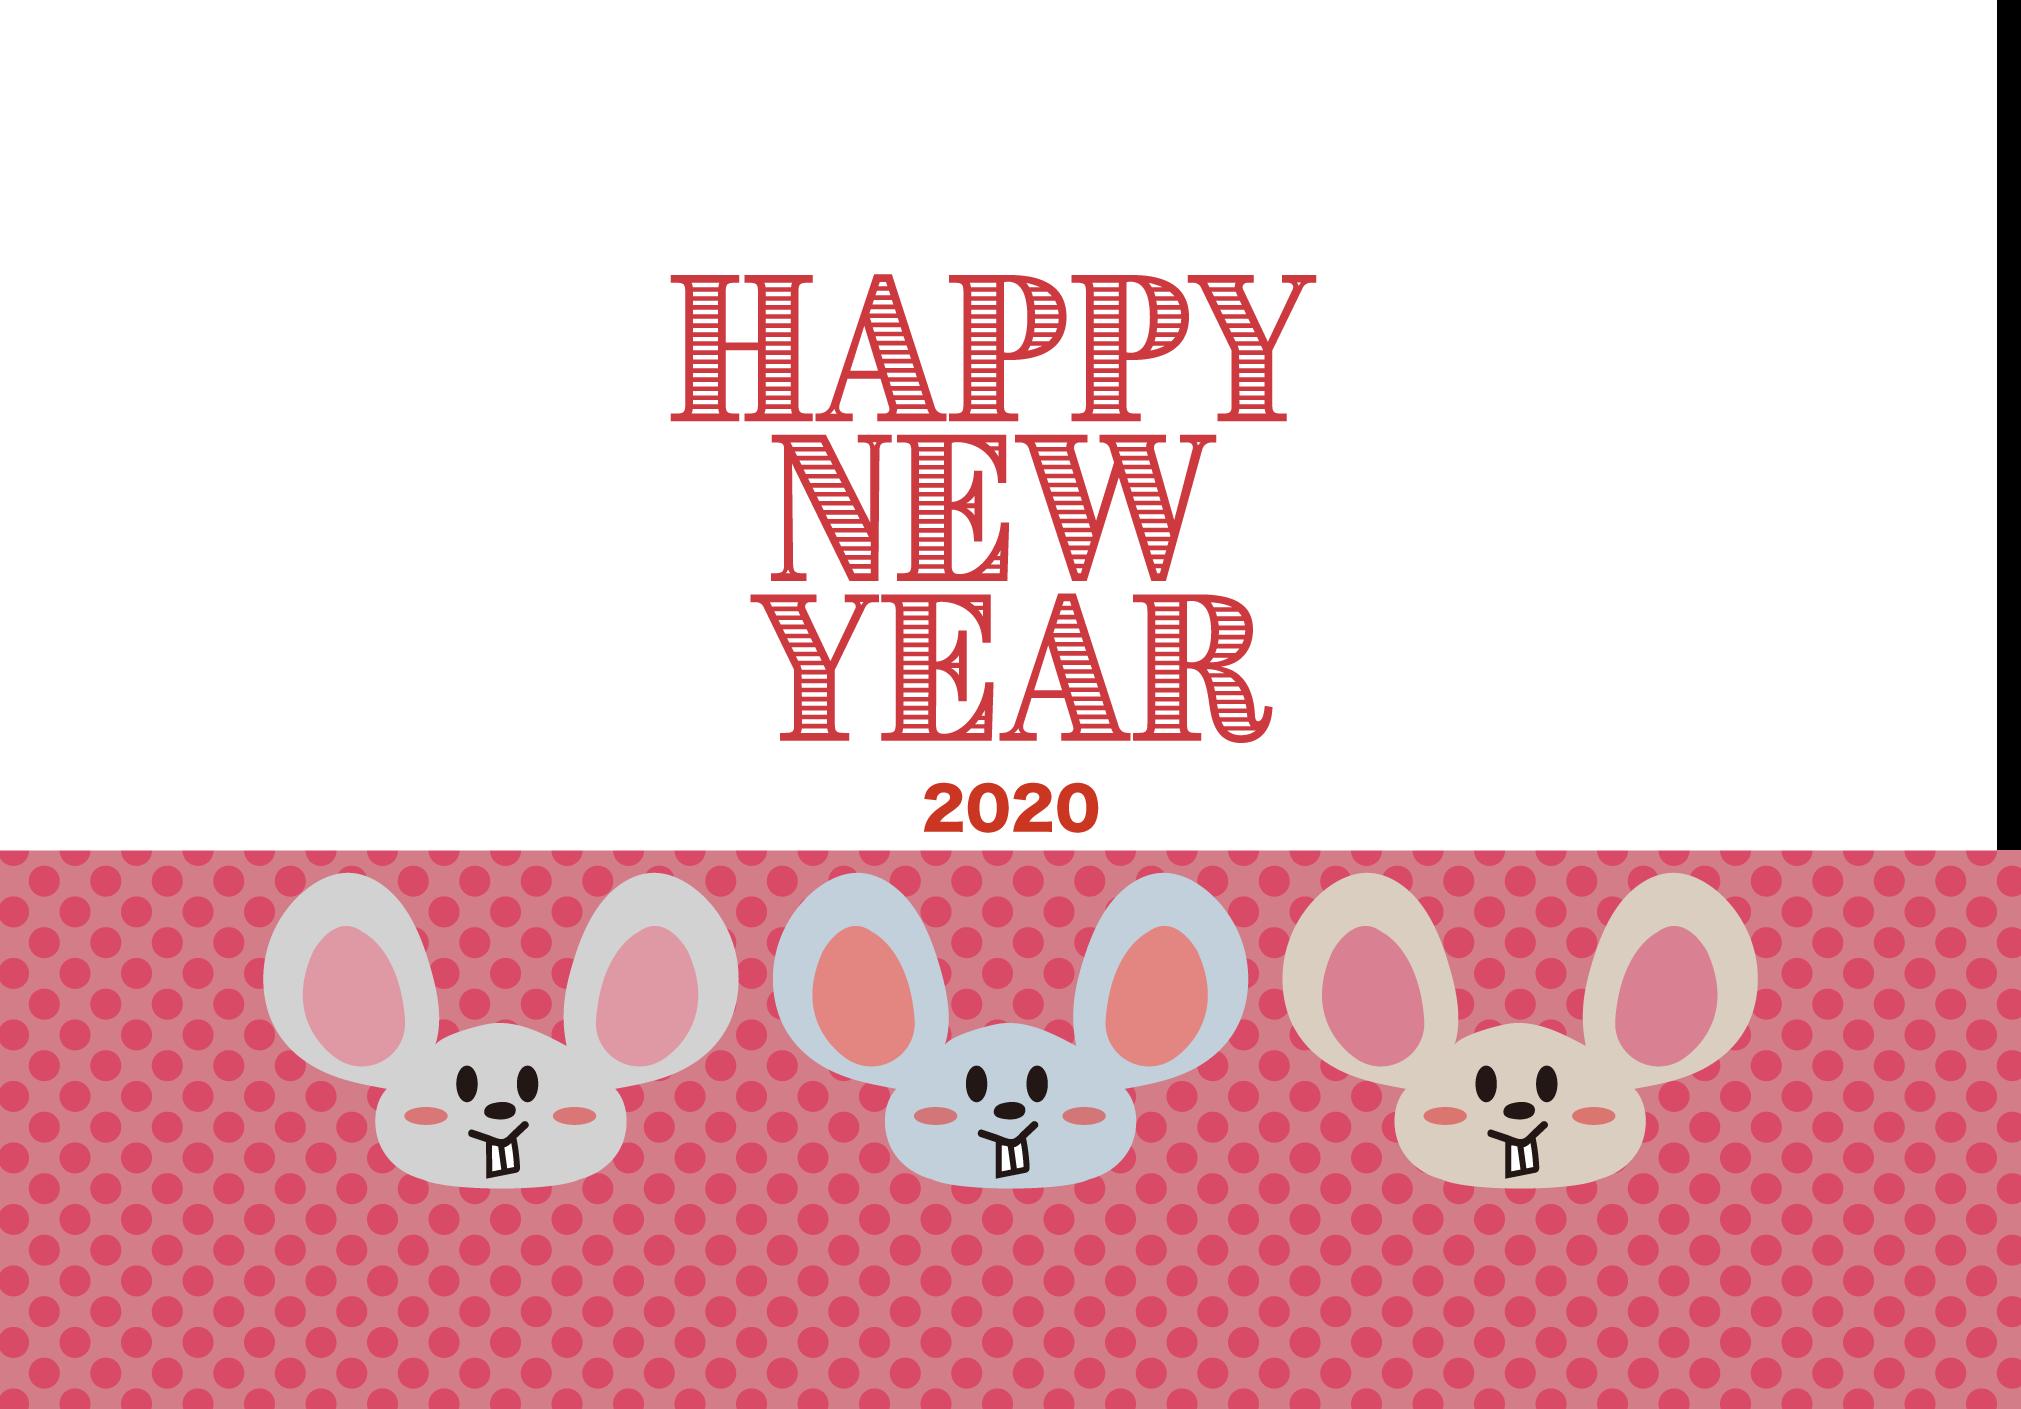 おしゃれ!年賀状 2020 HAPPY NEW YEAR テンプレートイラストフリー素材 ねずみのニコニコ年賀状